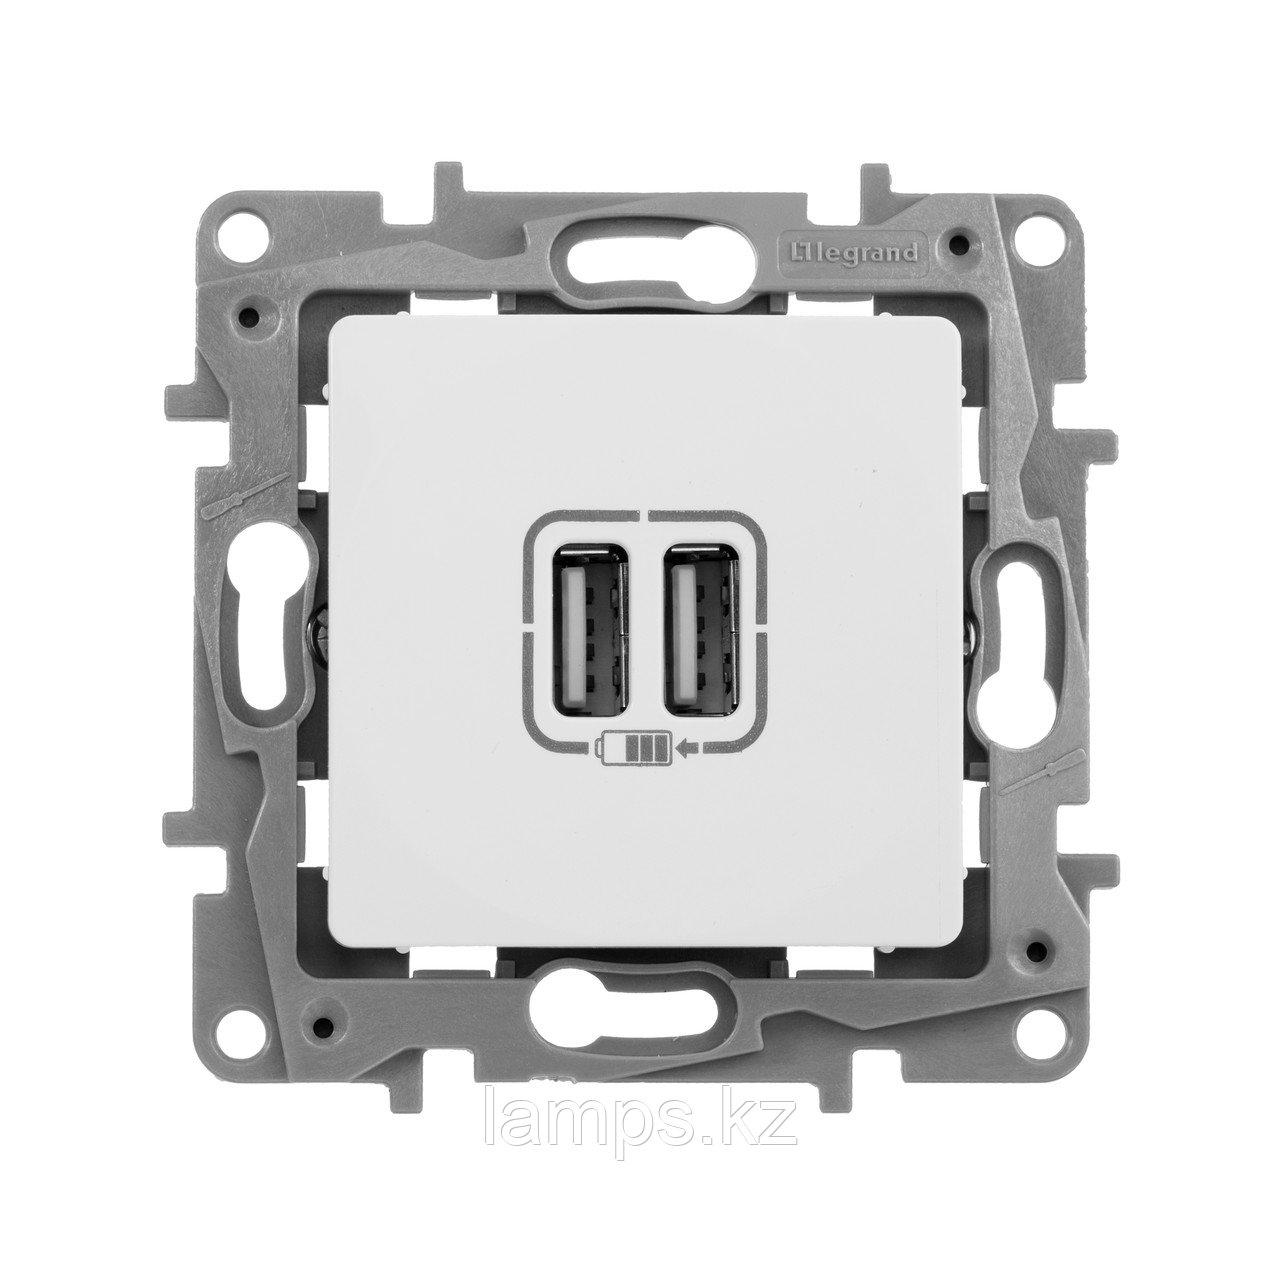 Зарядное устройство с двумя USB-разъемами 240В/5В 2400мА - Etika - белый